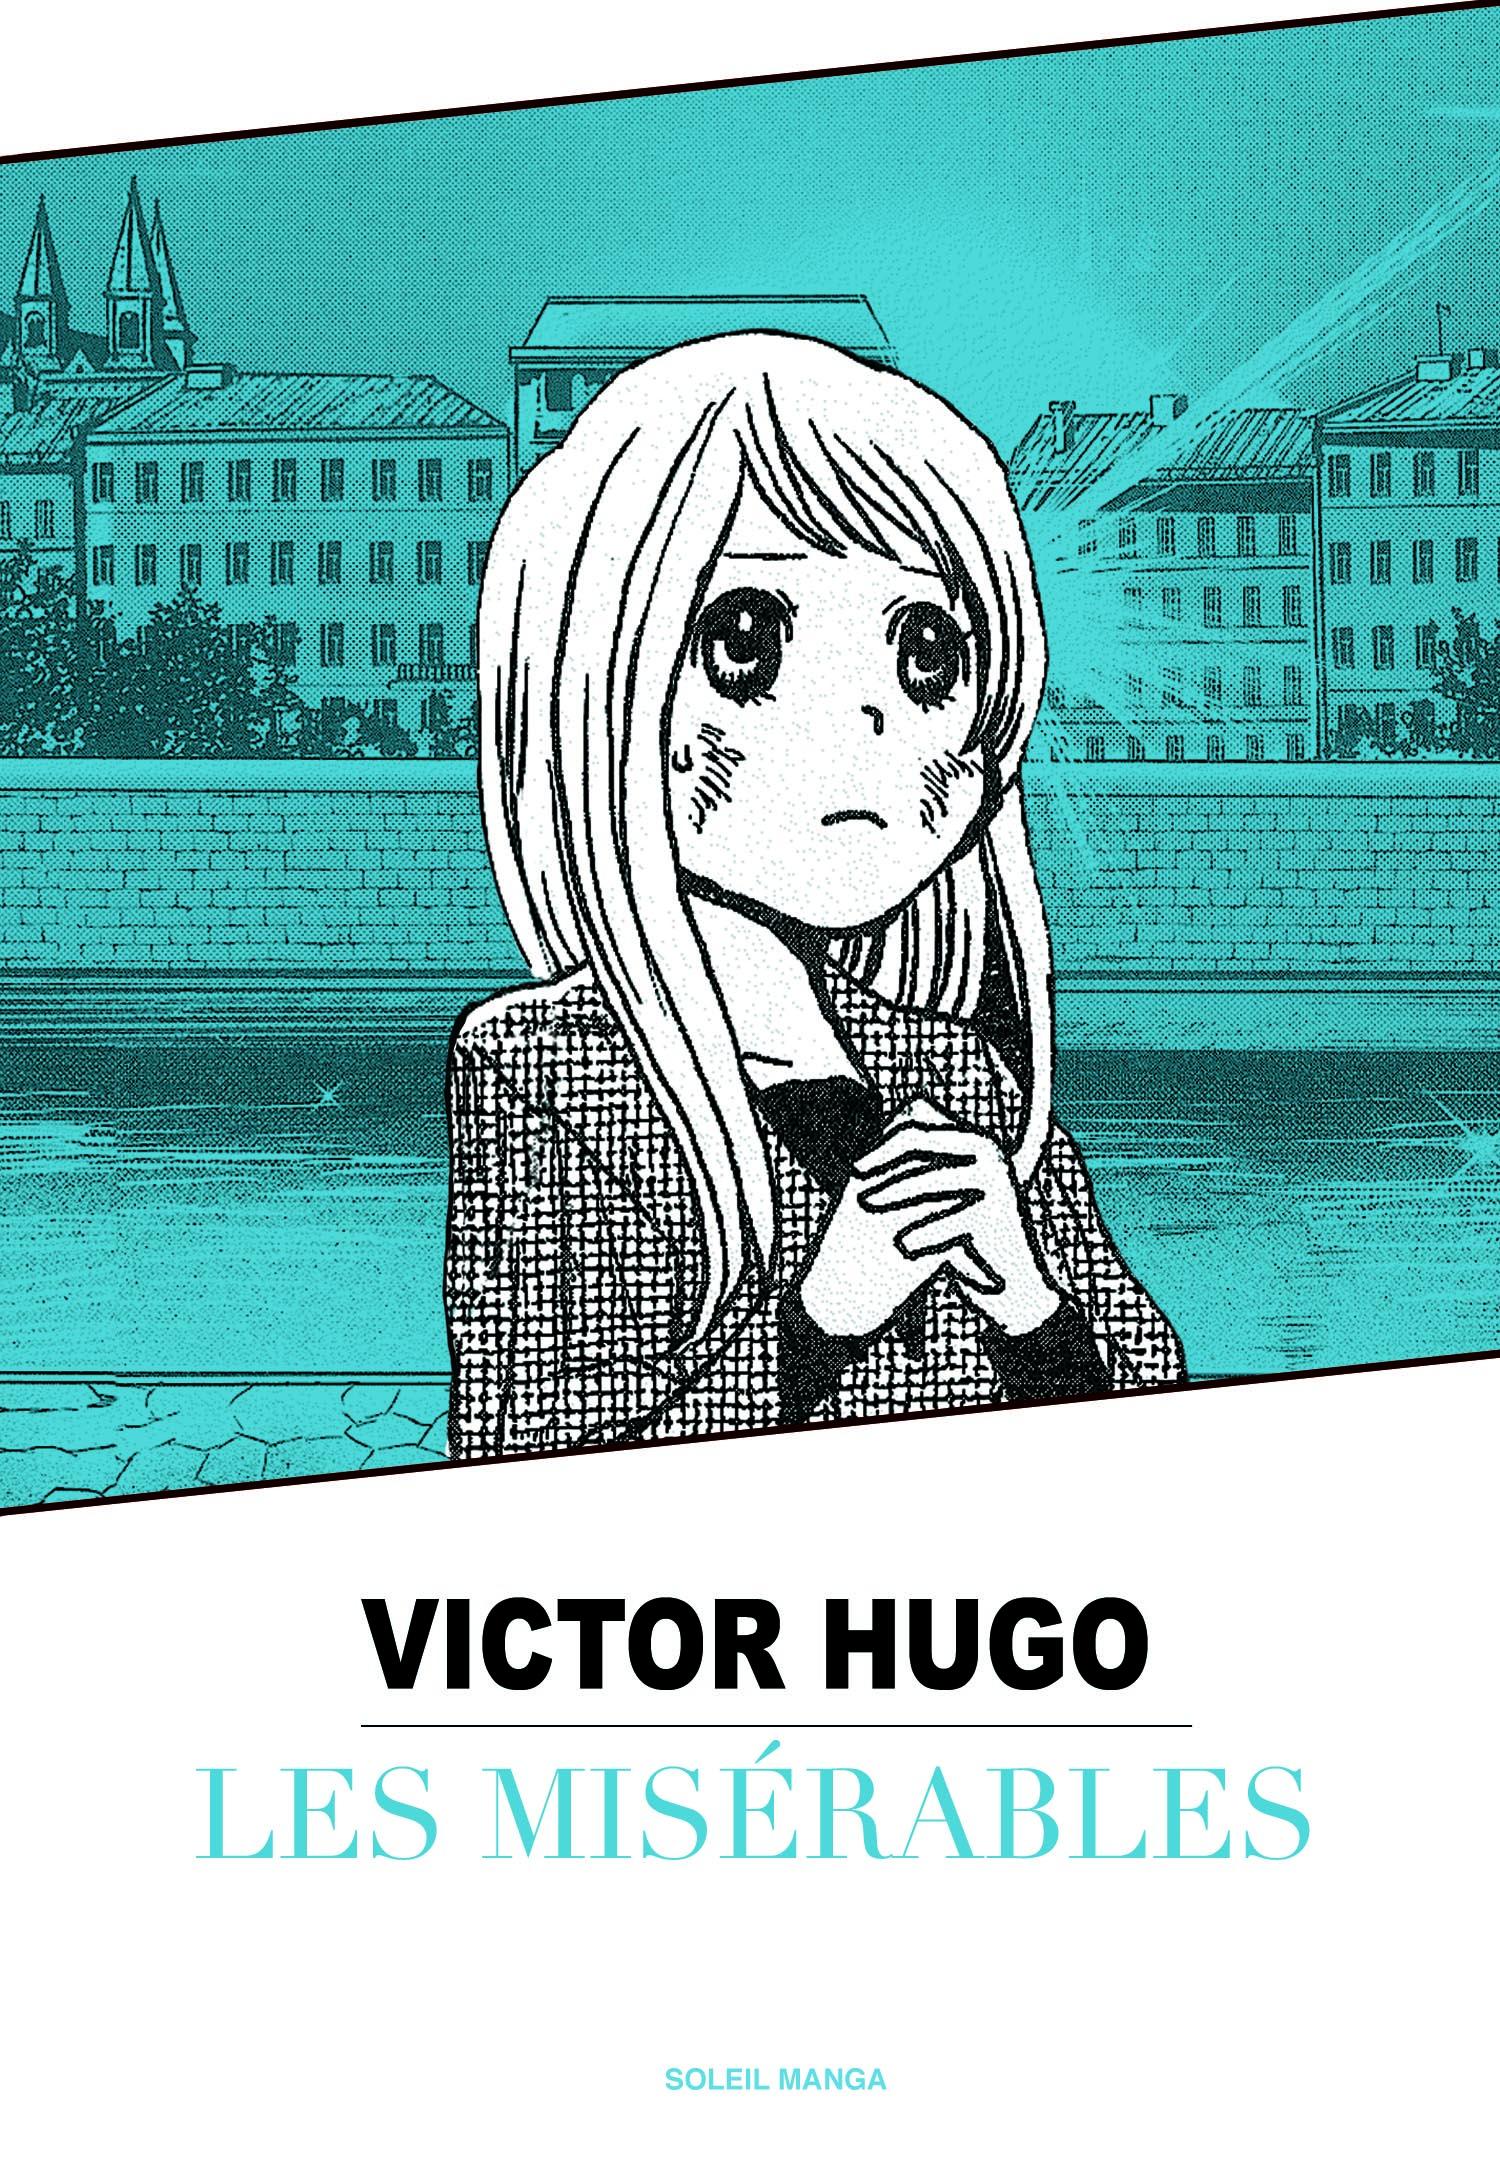 T'as de grand yeux tu sais ? - Page 2 Les-miserables-manga-volume-1-simple-44379